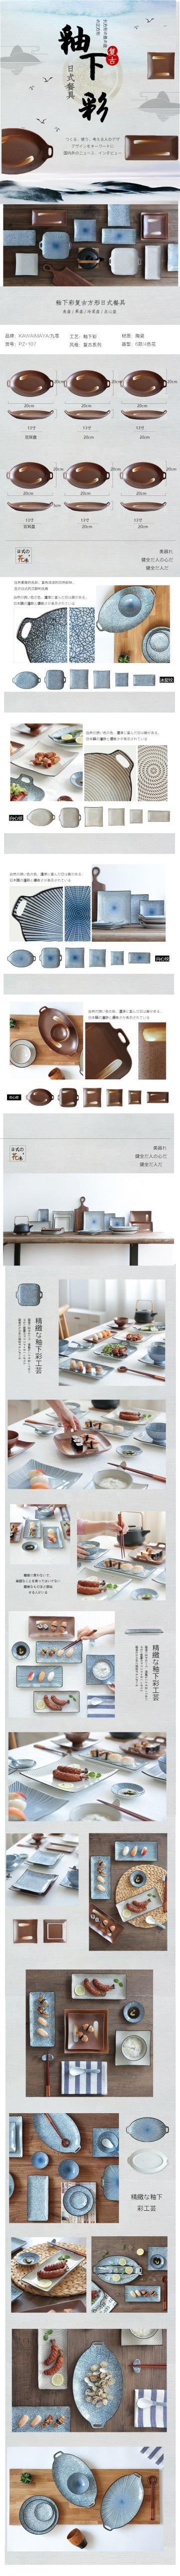 清新简约百货零售家居生活日式餐具促销电商详情页